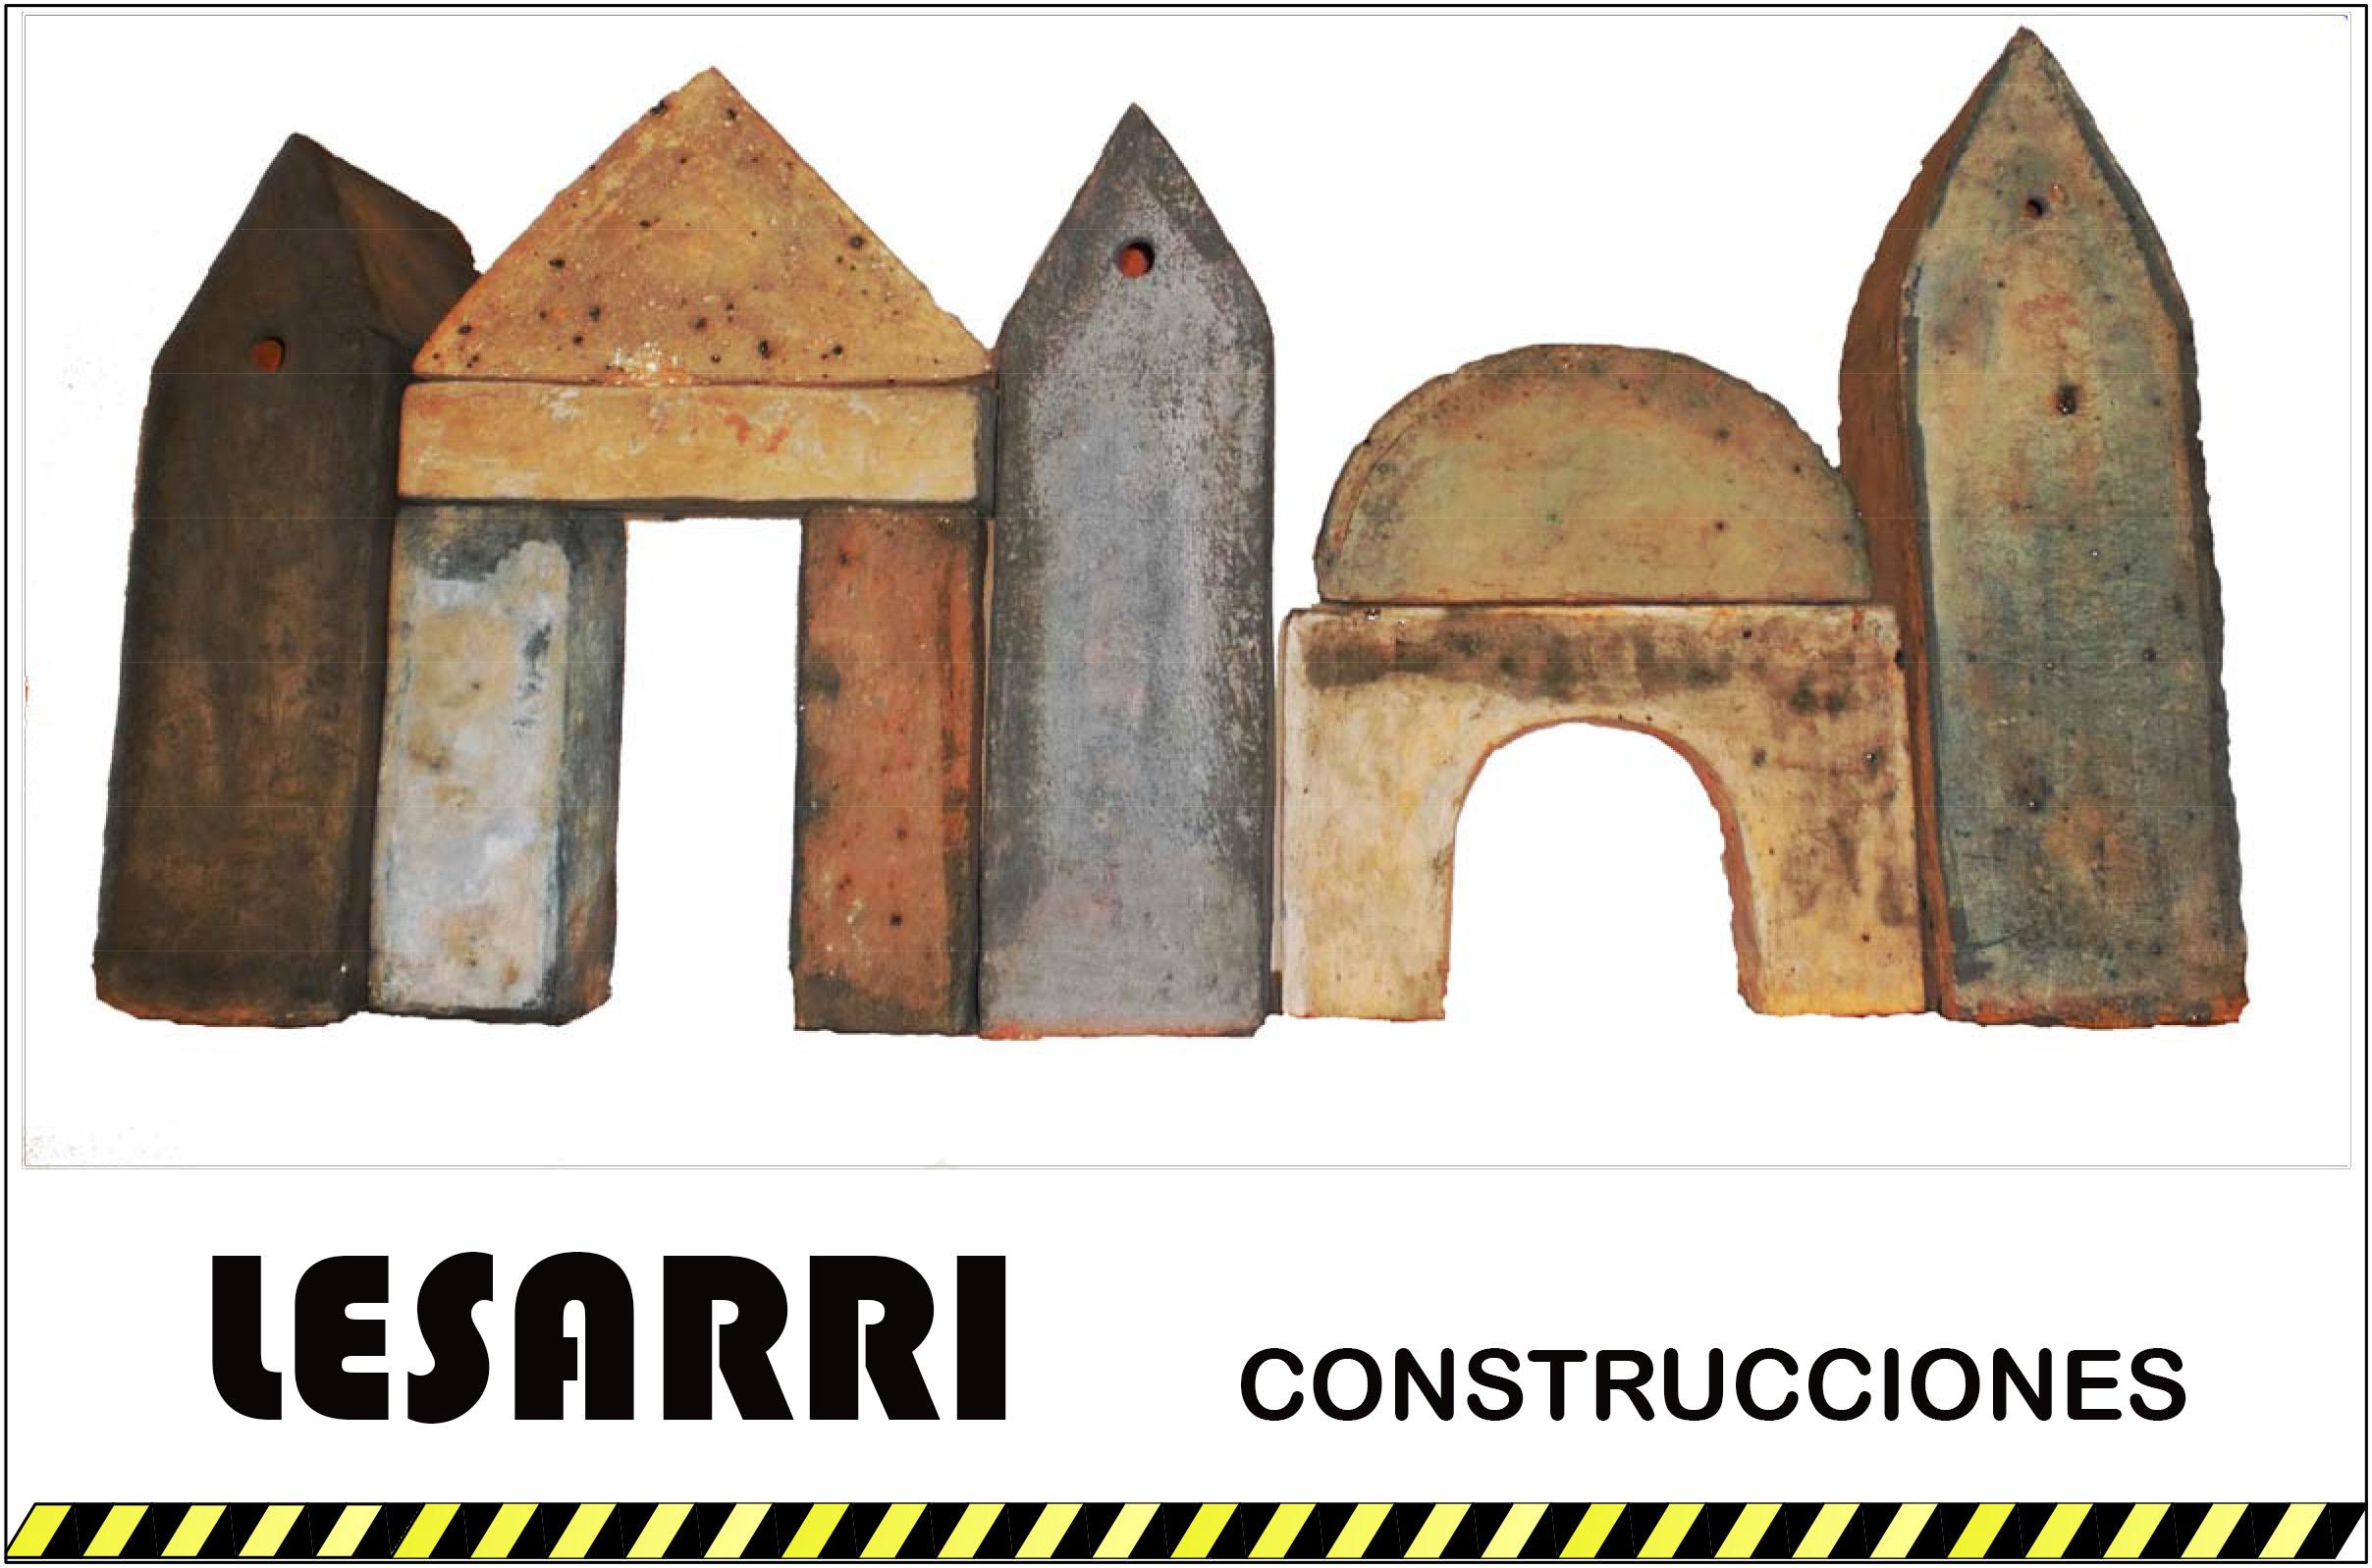 Lesarri Construcciones